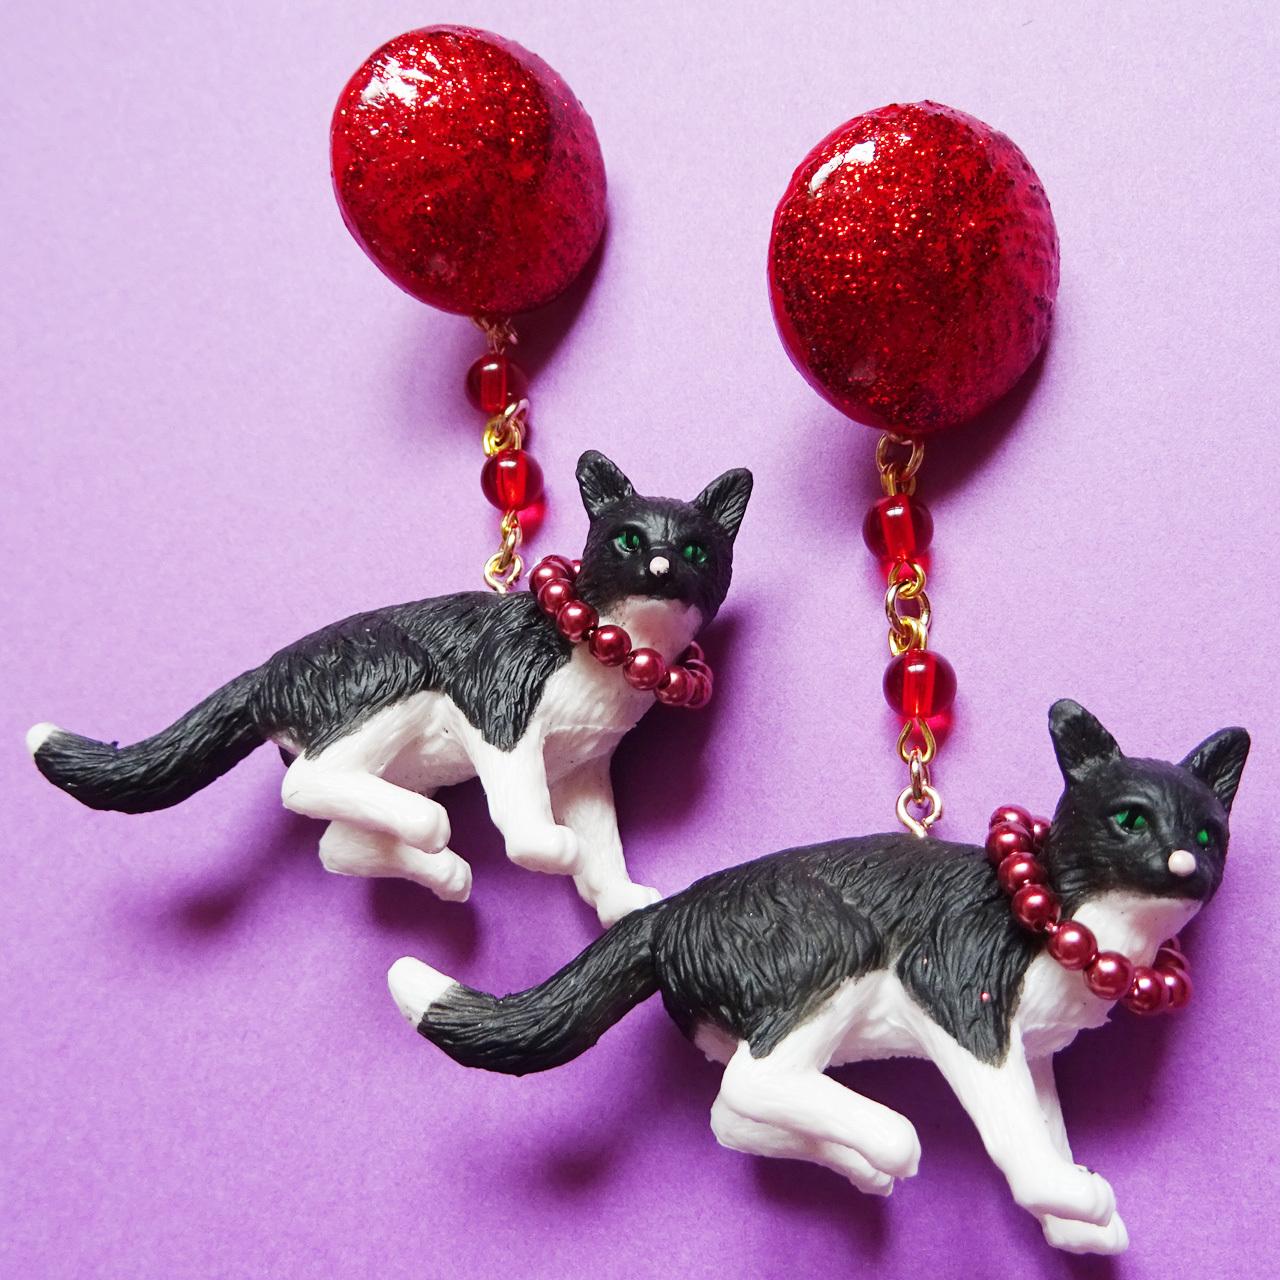 Sedmikrasky セドミックラスキー 白黒猫のピアス / イヤリング